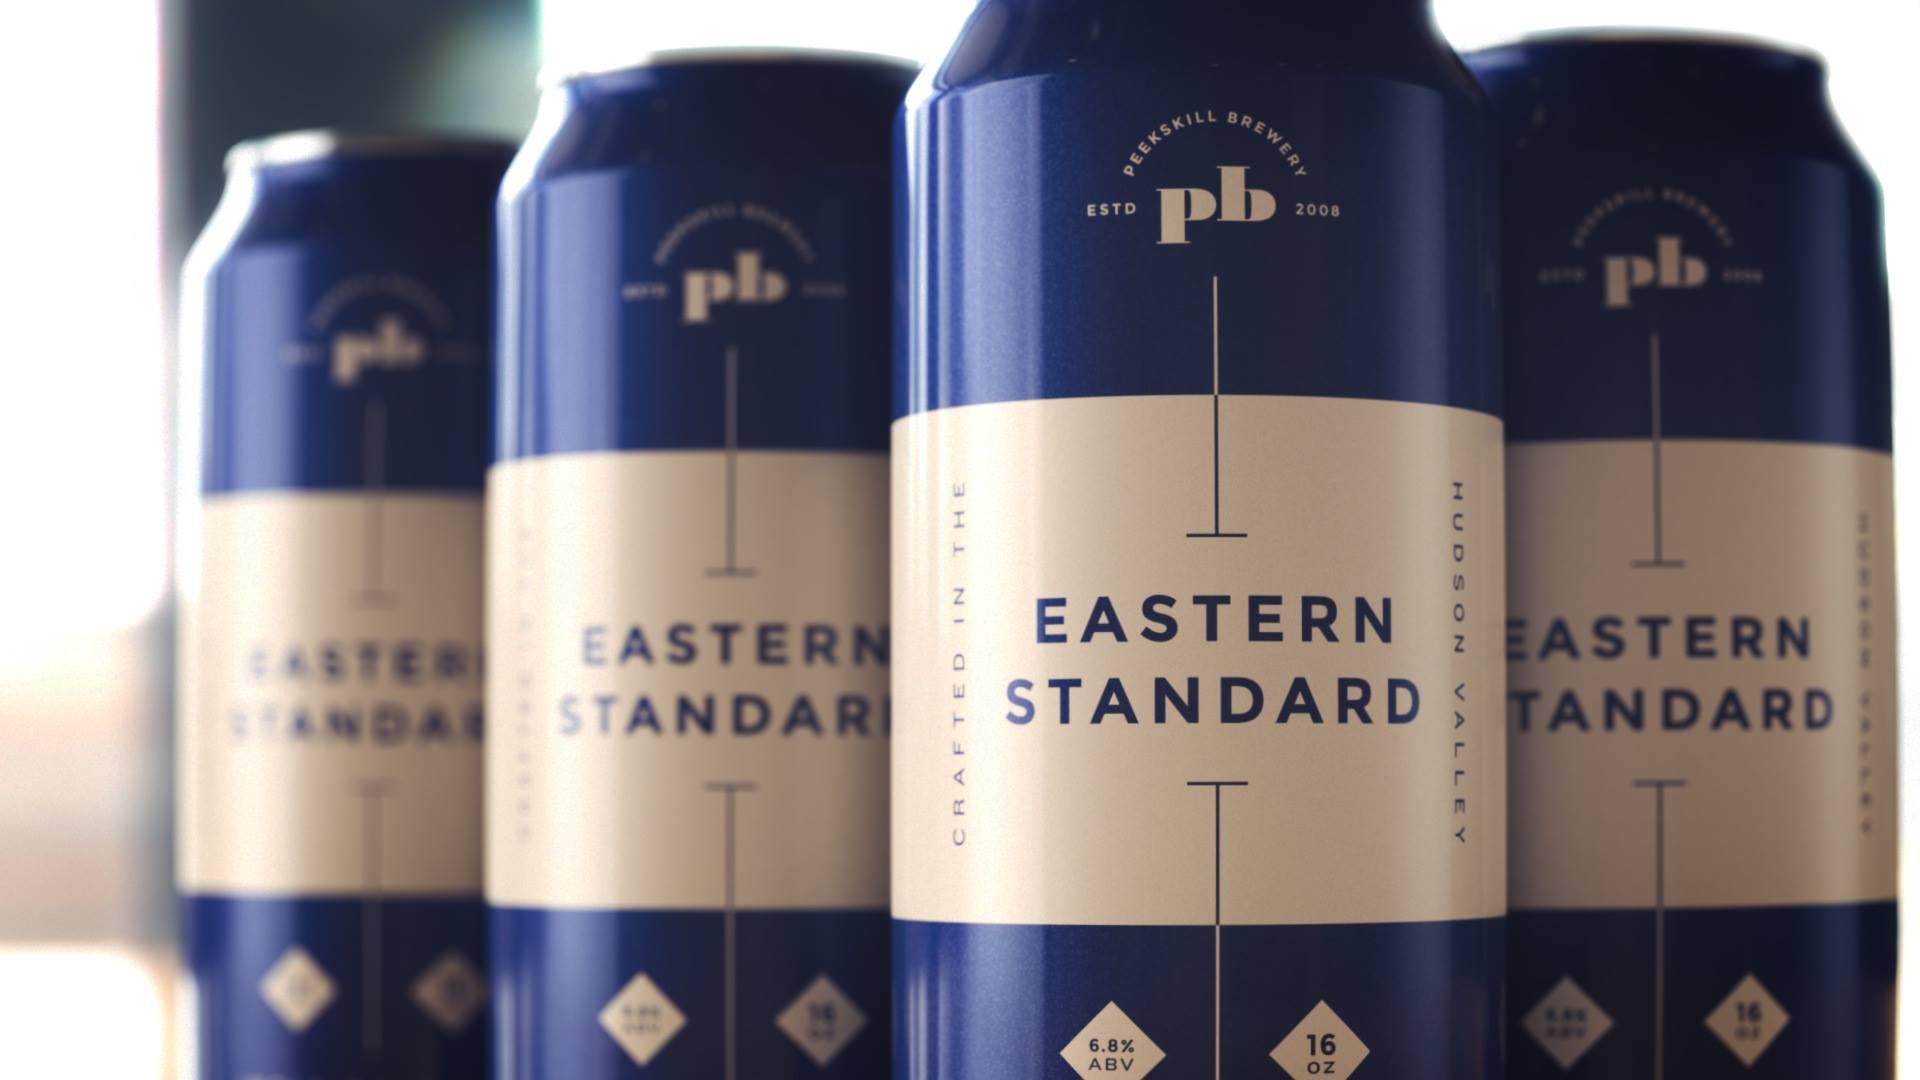 Beer & Branding: Peekskill Brewery